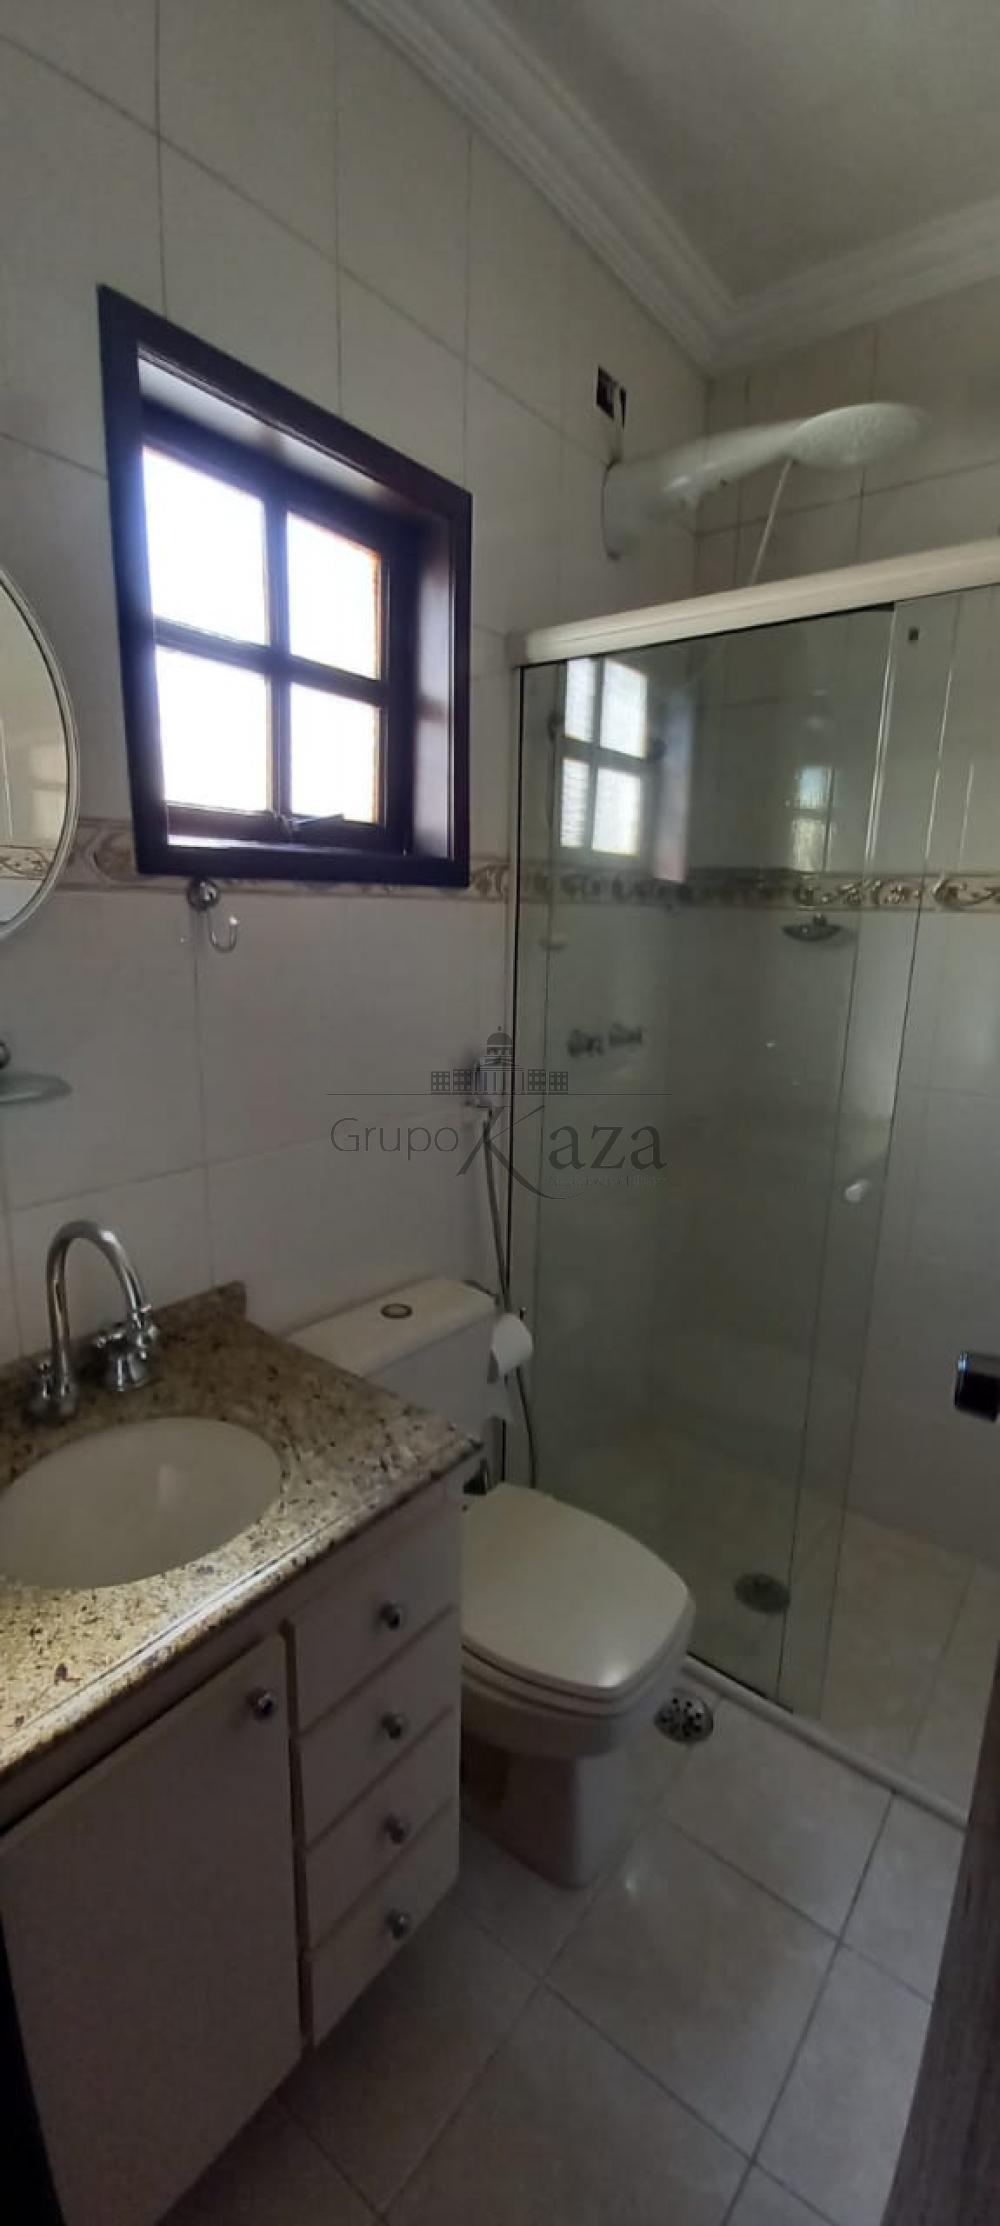 alt='Comprar Casa / Comercial / Residencial em São José dos Campos R$ 1.500.000,00 - Foto 9' title='Comprar Casa / Comercial / Residencial em São José dos Campos R$ 1.500.000,00 - Foto 9'